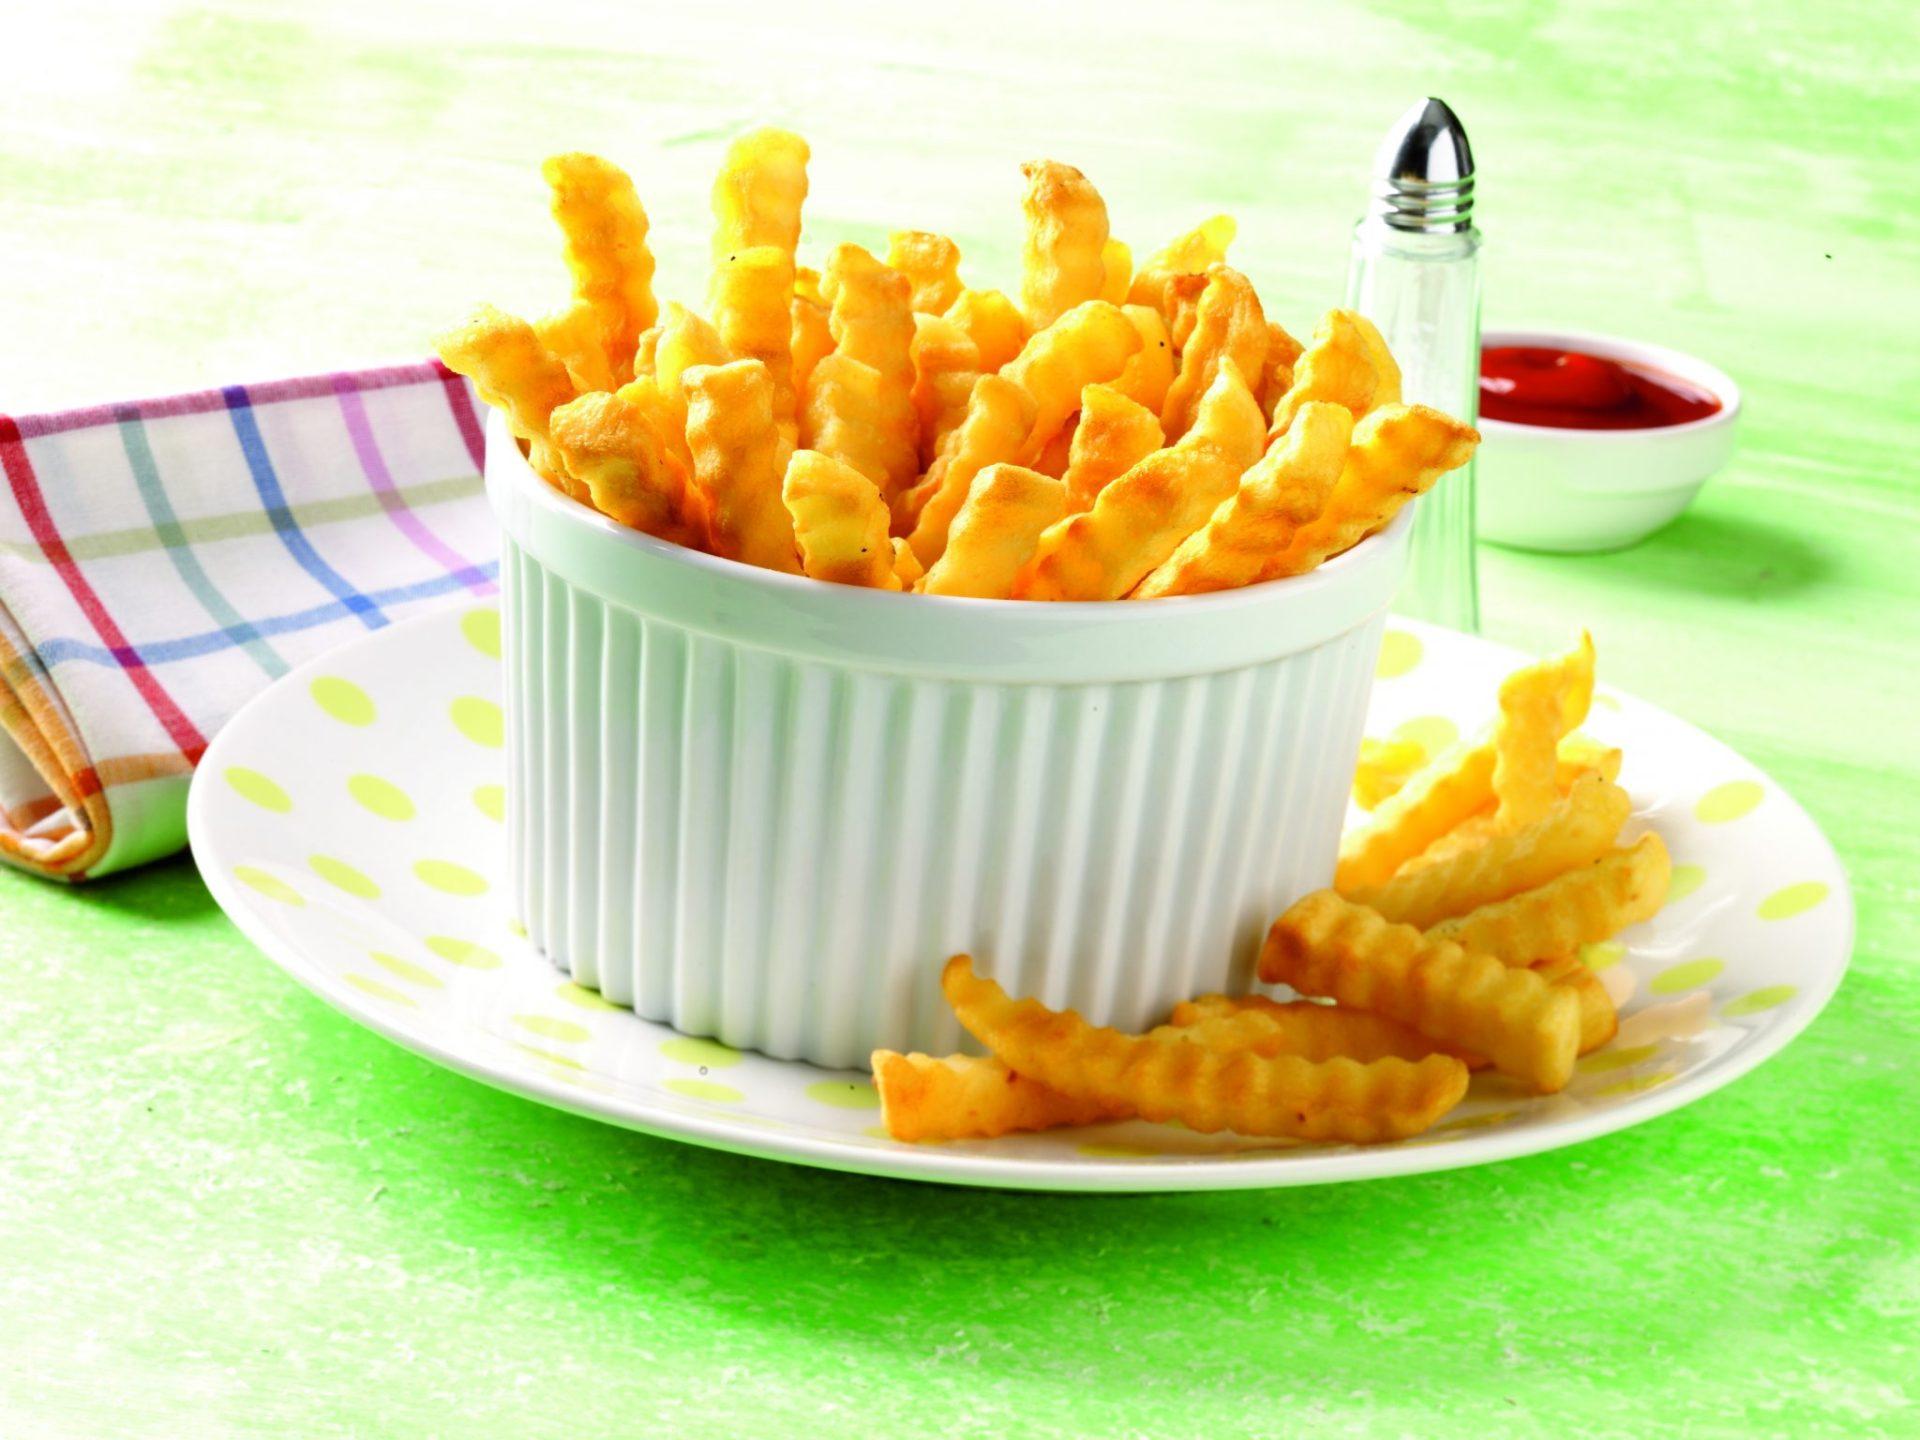 Das sind die beliebtesten Kartoffel-Gerichte 4